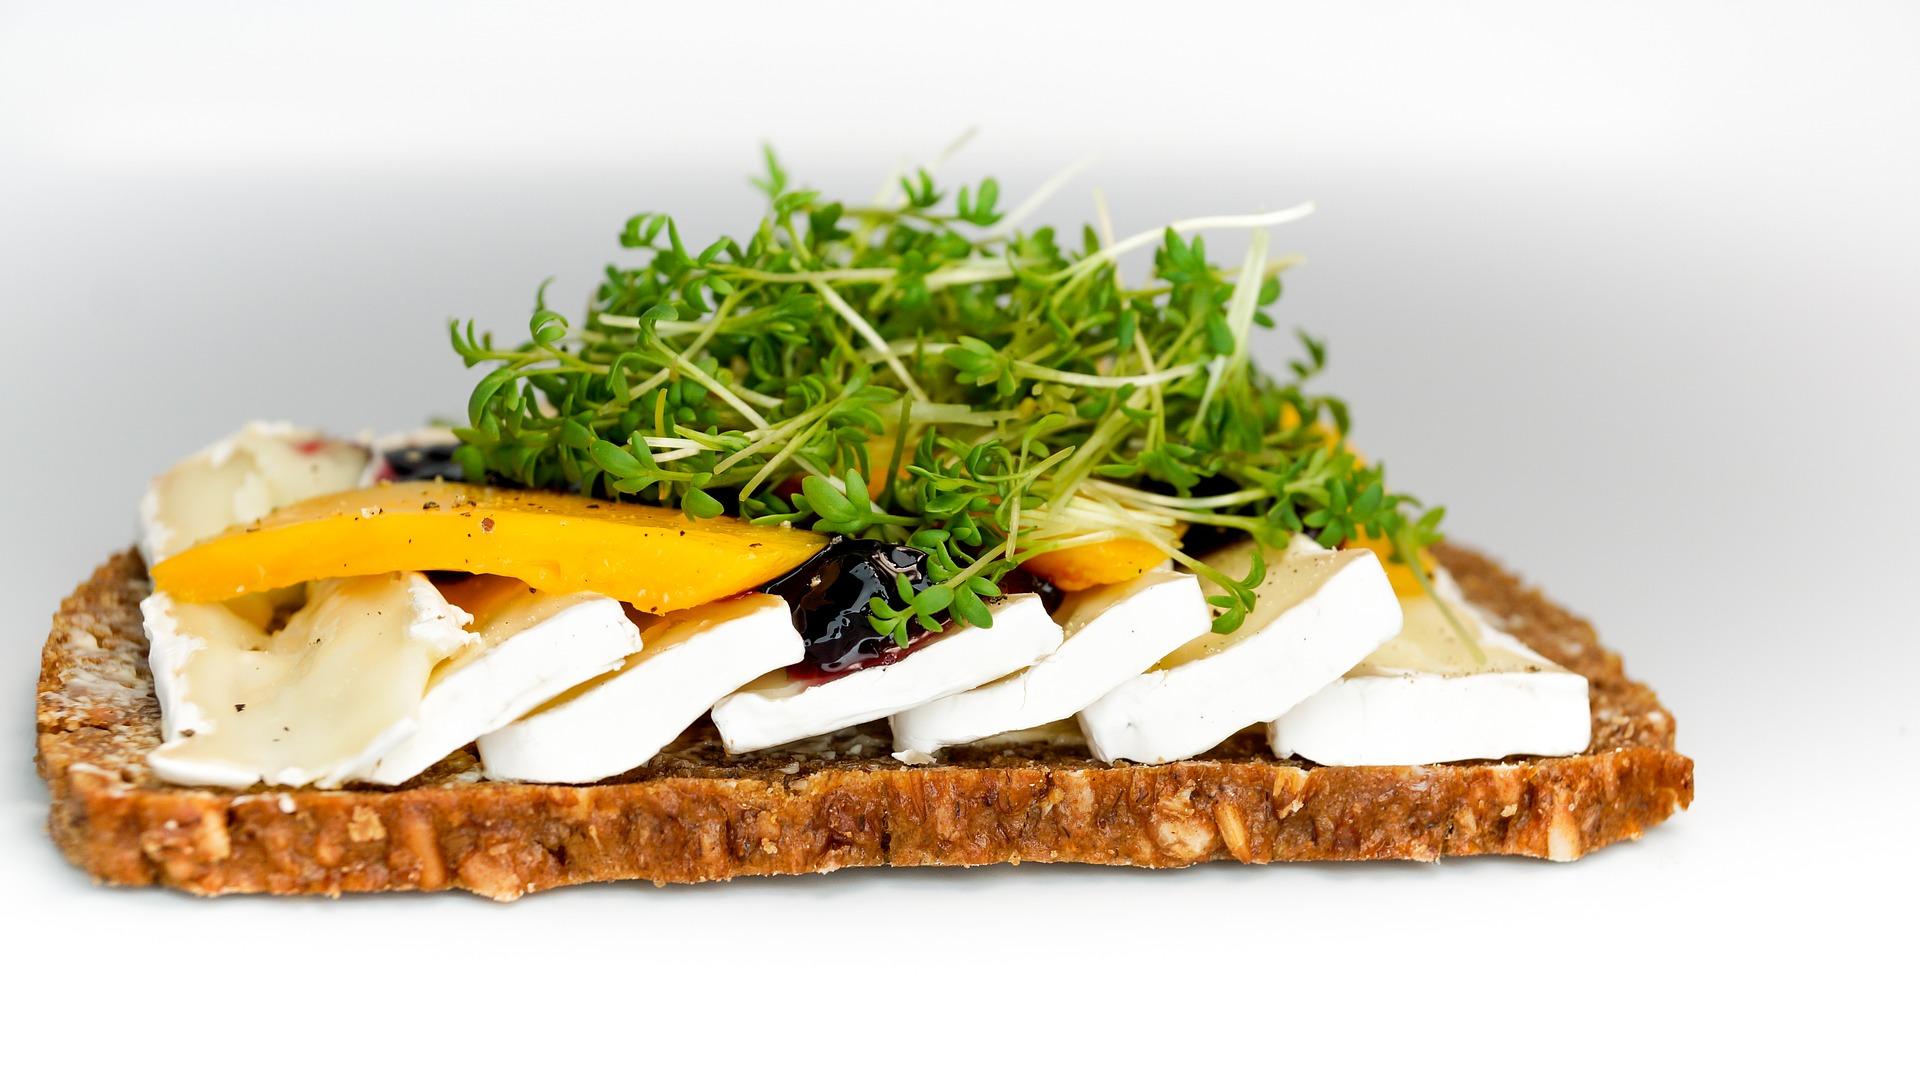 Бри (Brie) — состав, калорийность сыра, польза, вред, вино к сыру — Cheezu.ru